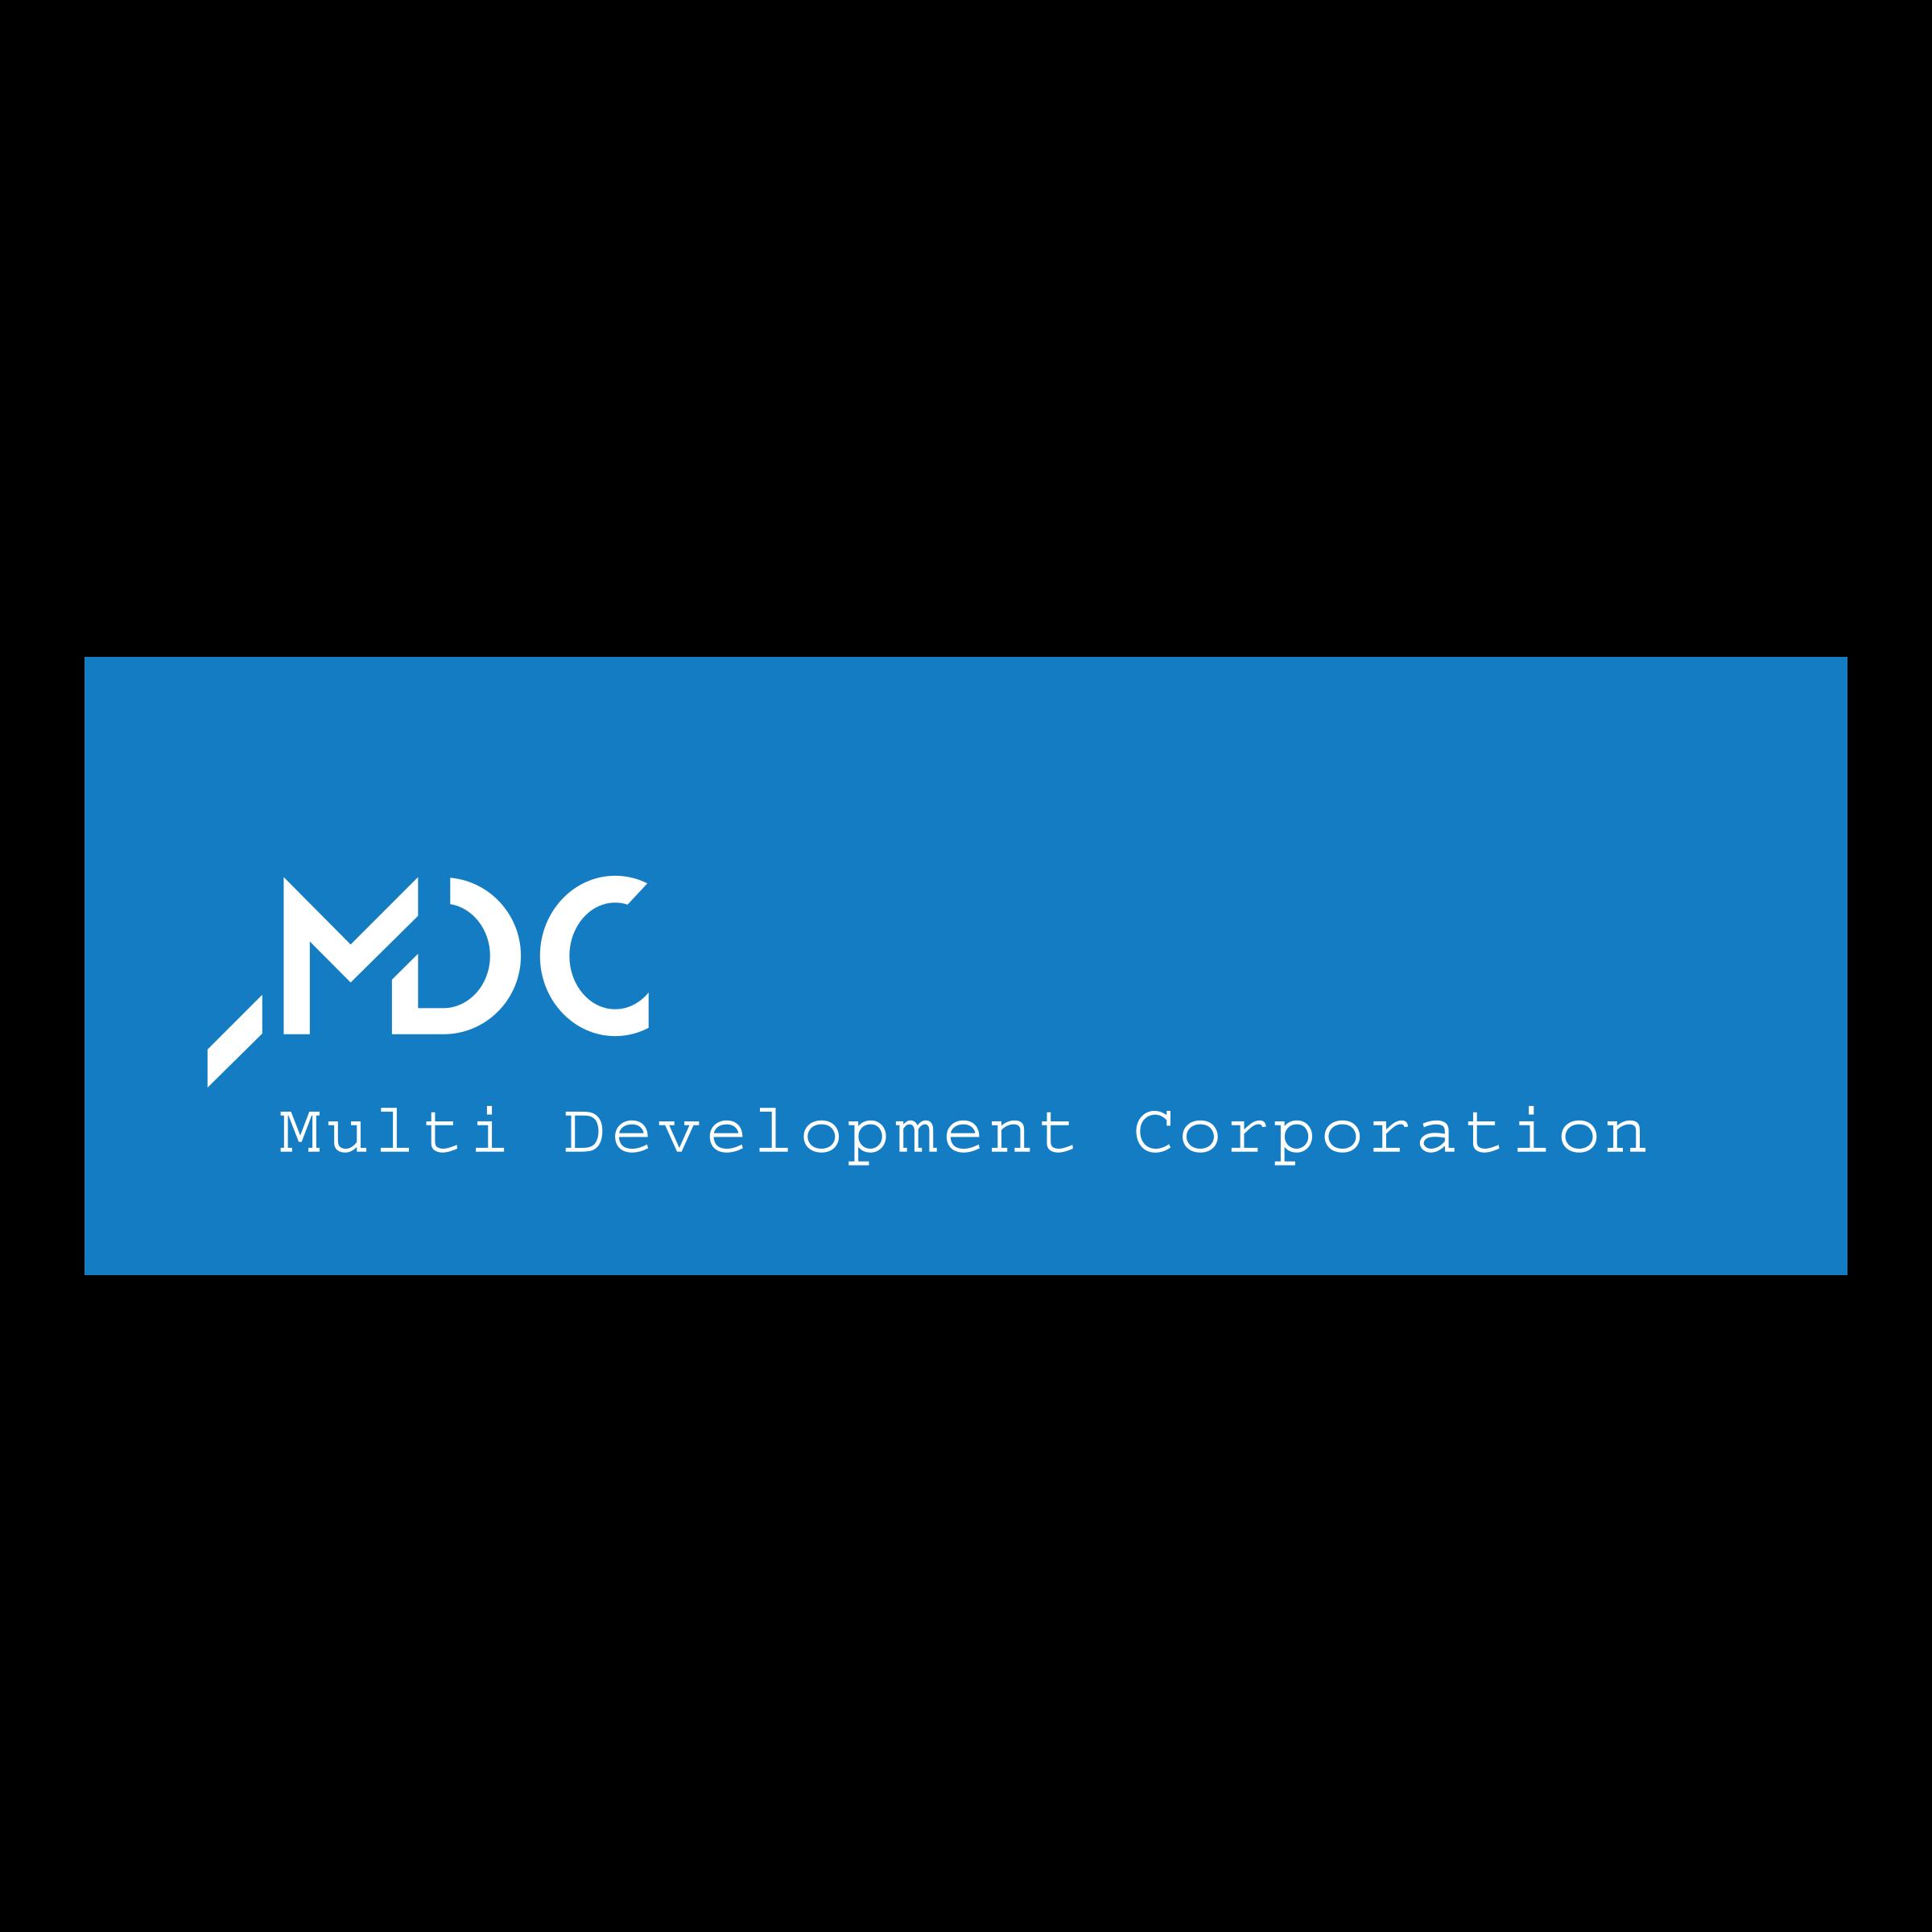 MDC Logo PNG Transparent & SVG Vector.